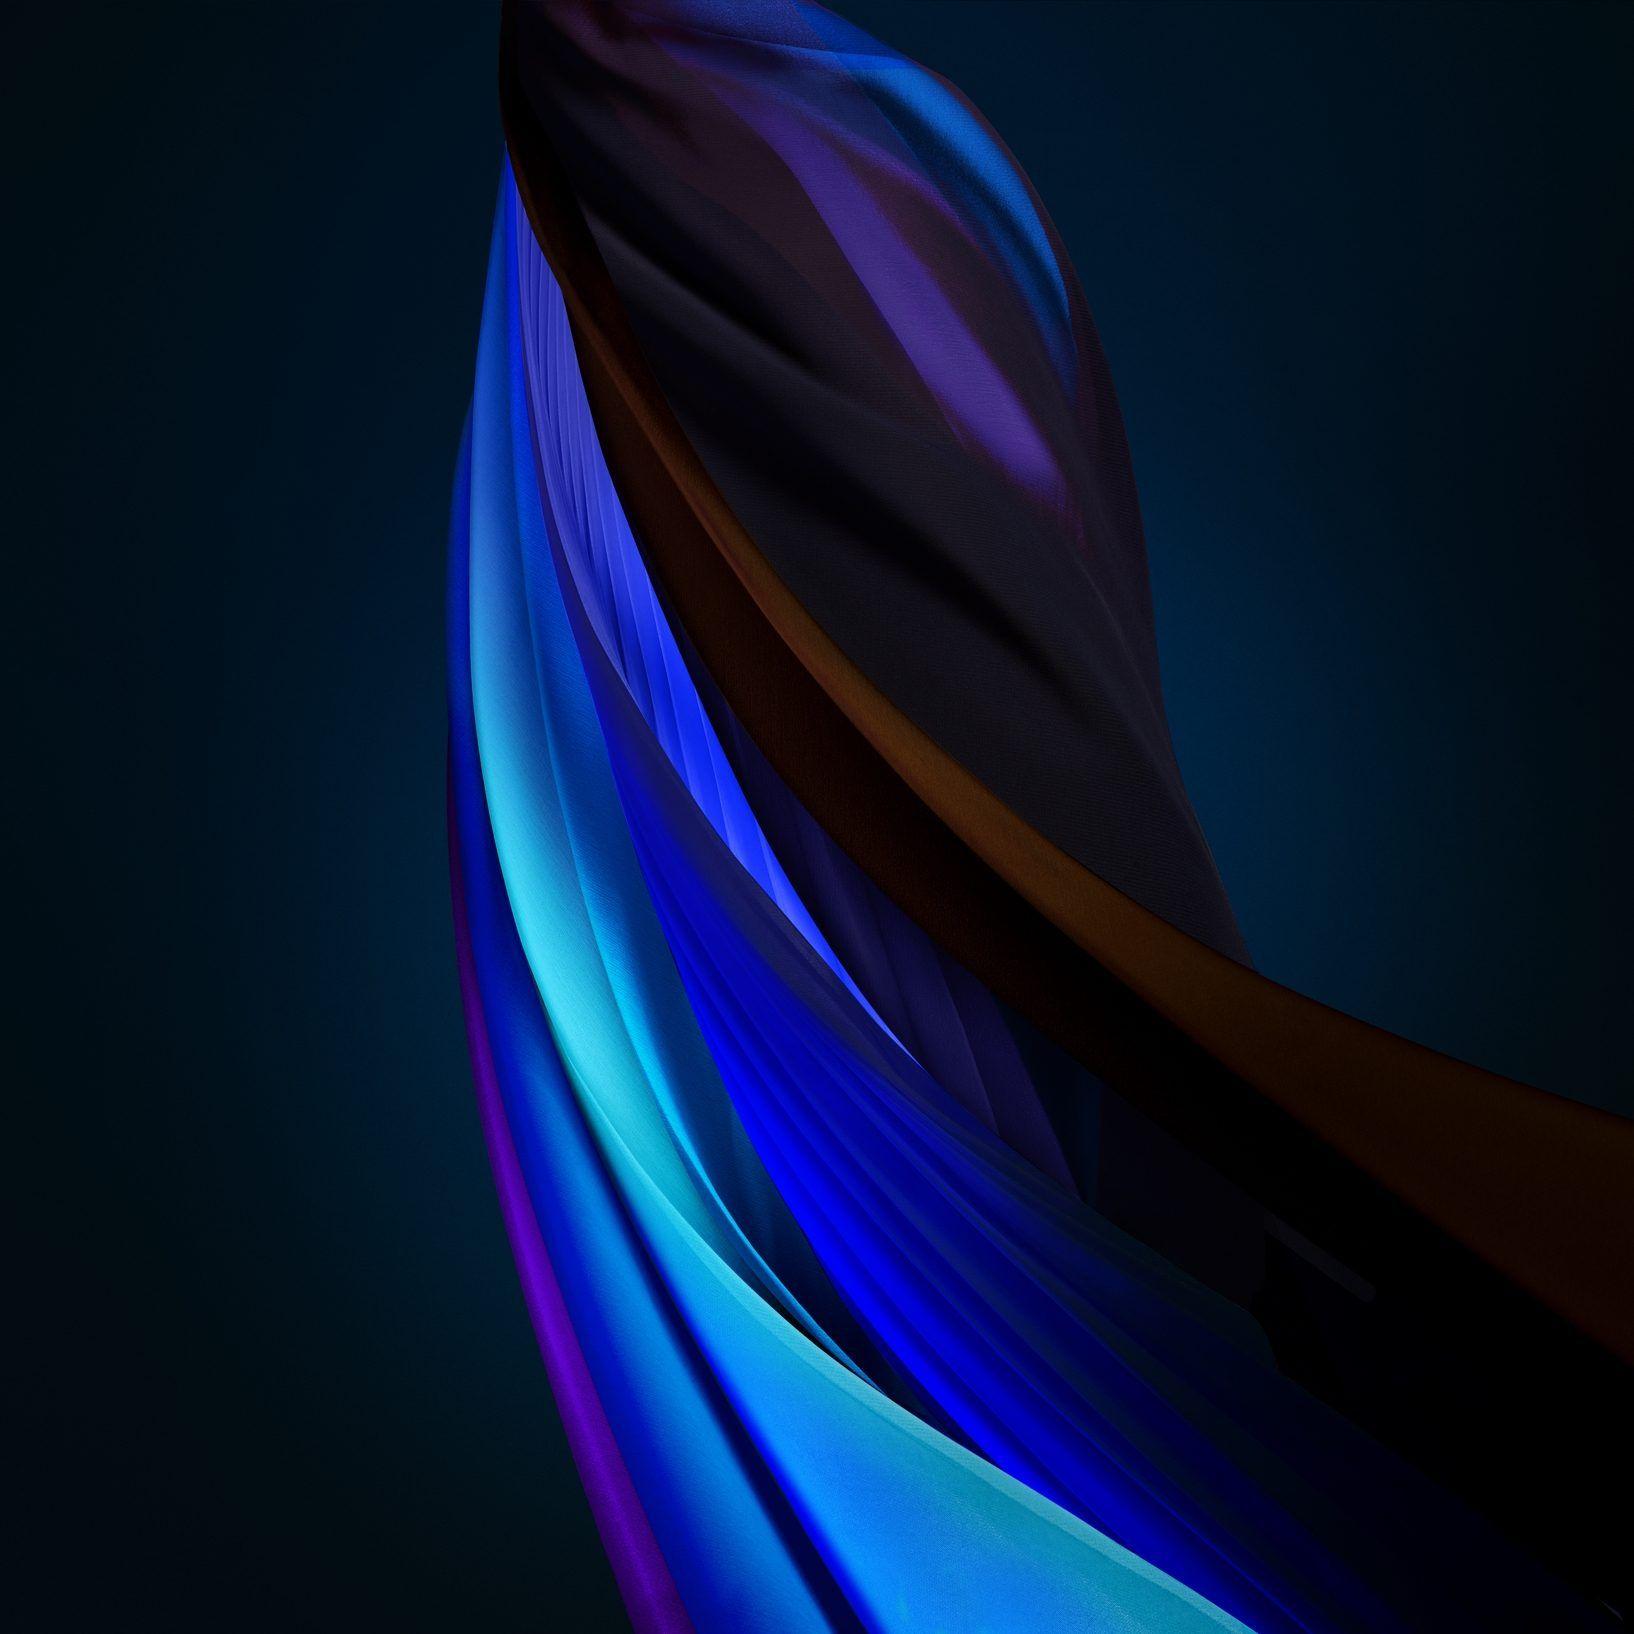 Fond D Ecran Iphone Bleu En 2020 Iphone Bleu Fond Ecran Ecran Iphone